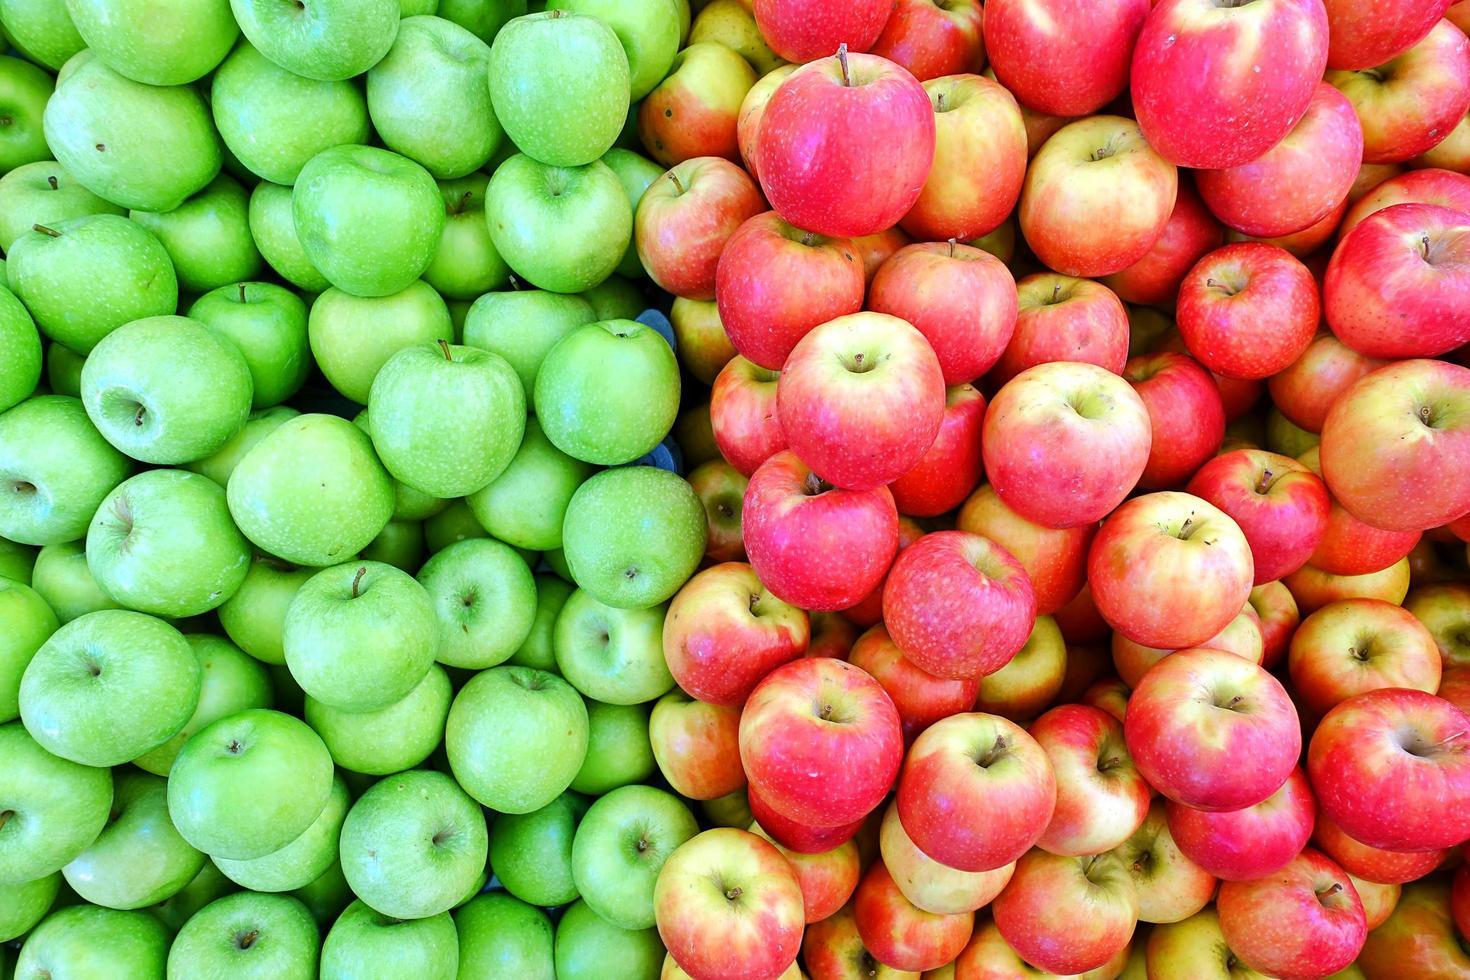 fruits pomme bio rouge et verte photo